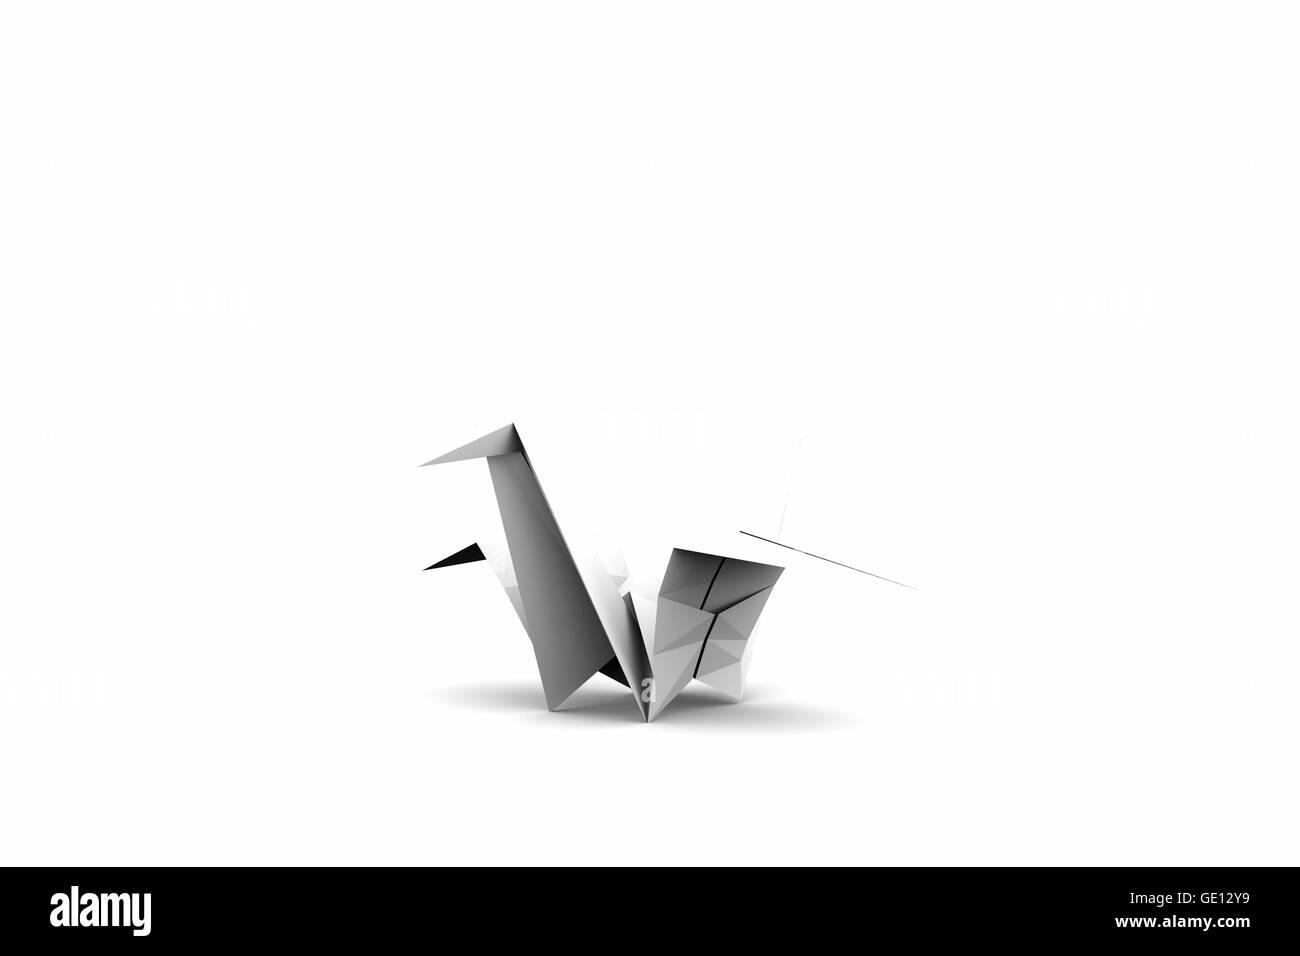 Origami Crane Isolated On White Background